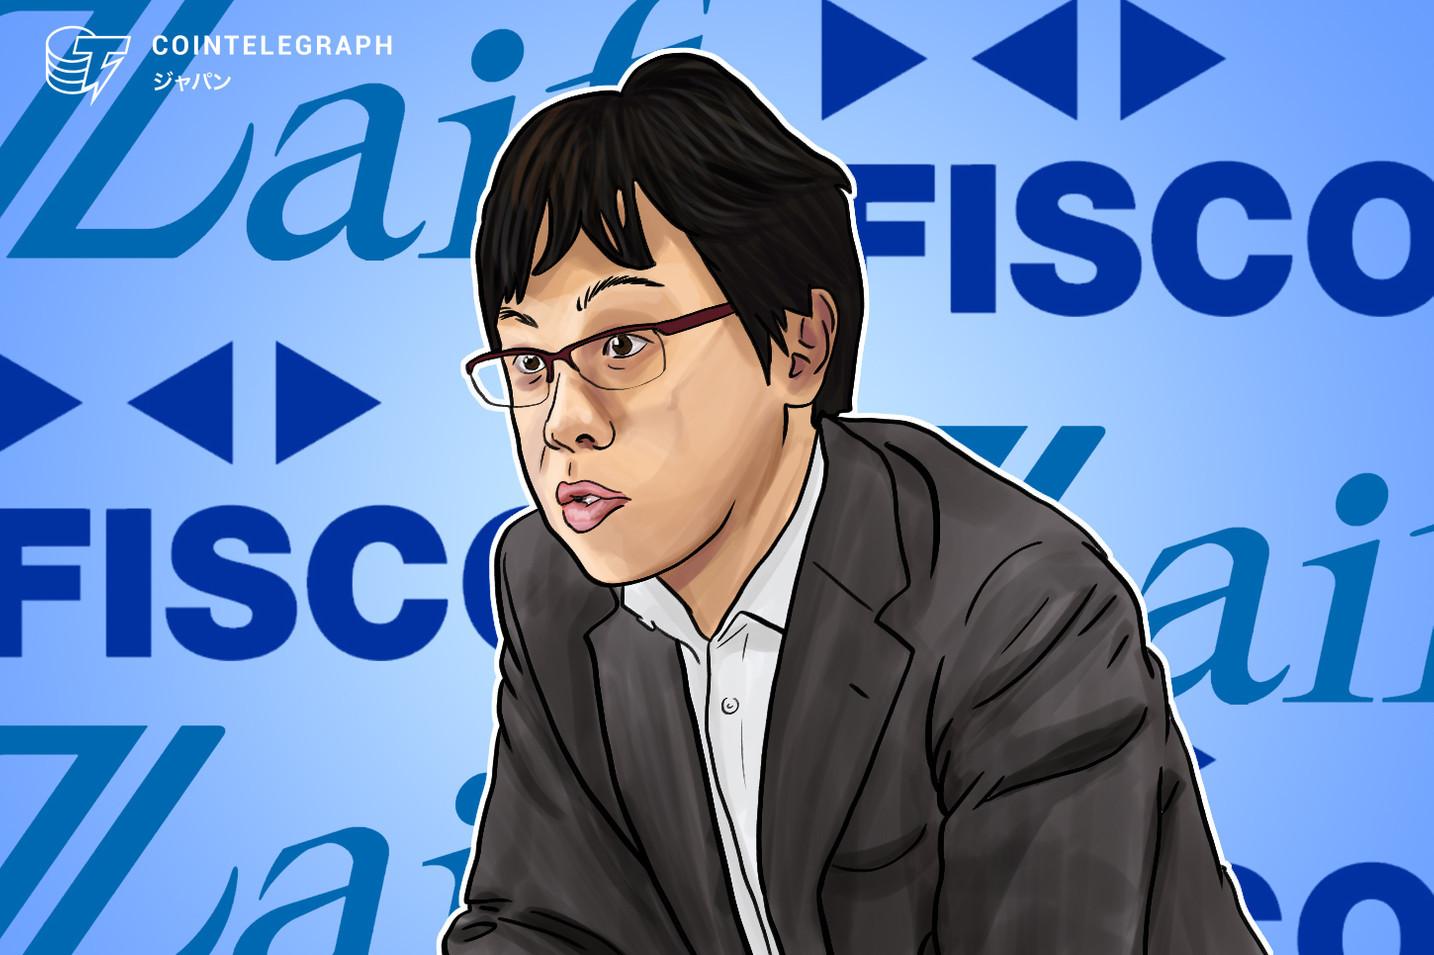 12月17日 ネム(XEM)テクニカル分析【Zaifフィスコ仮想通貨ニュース】